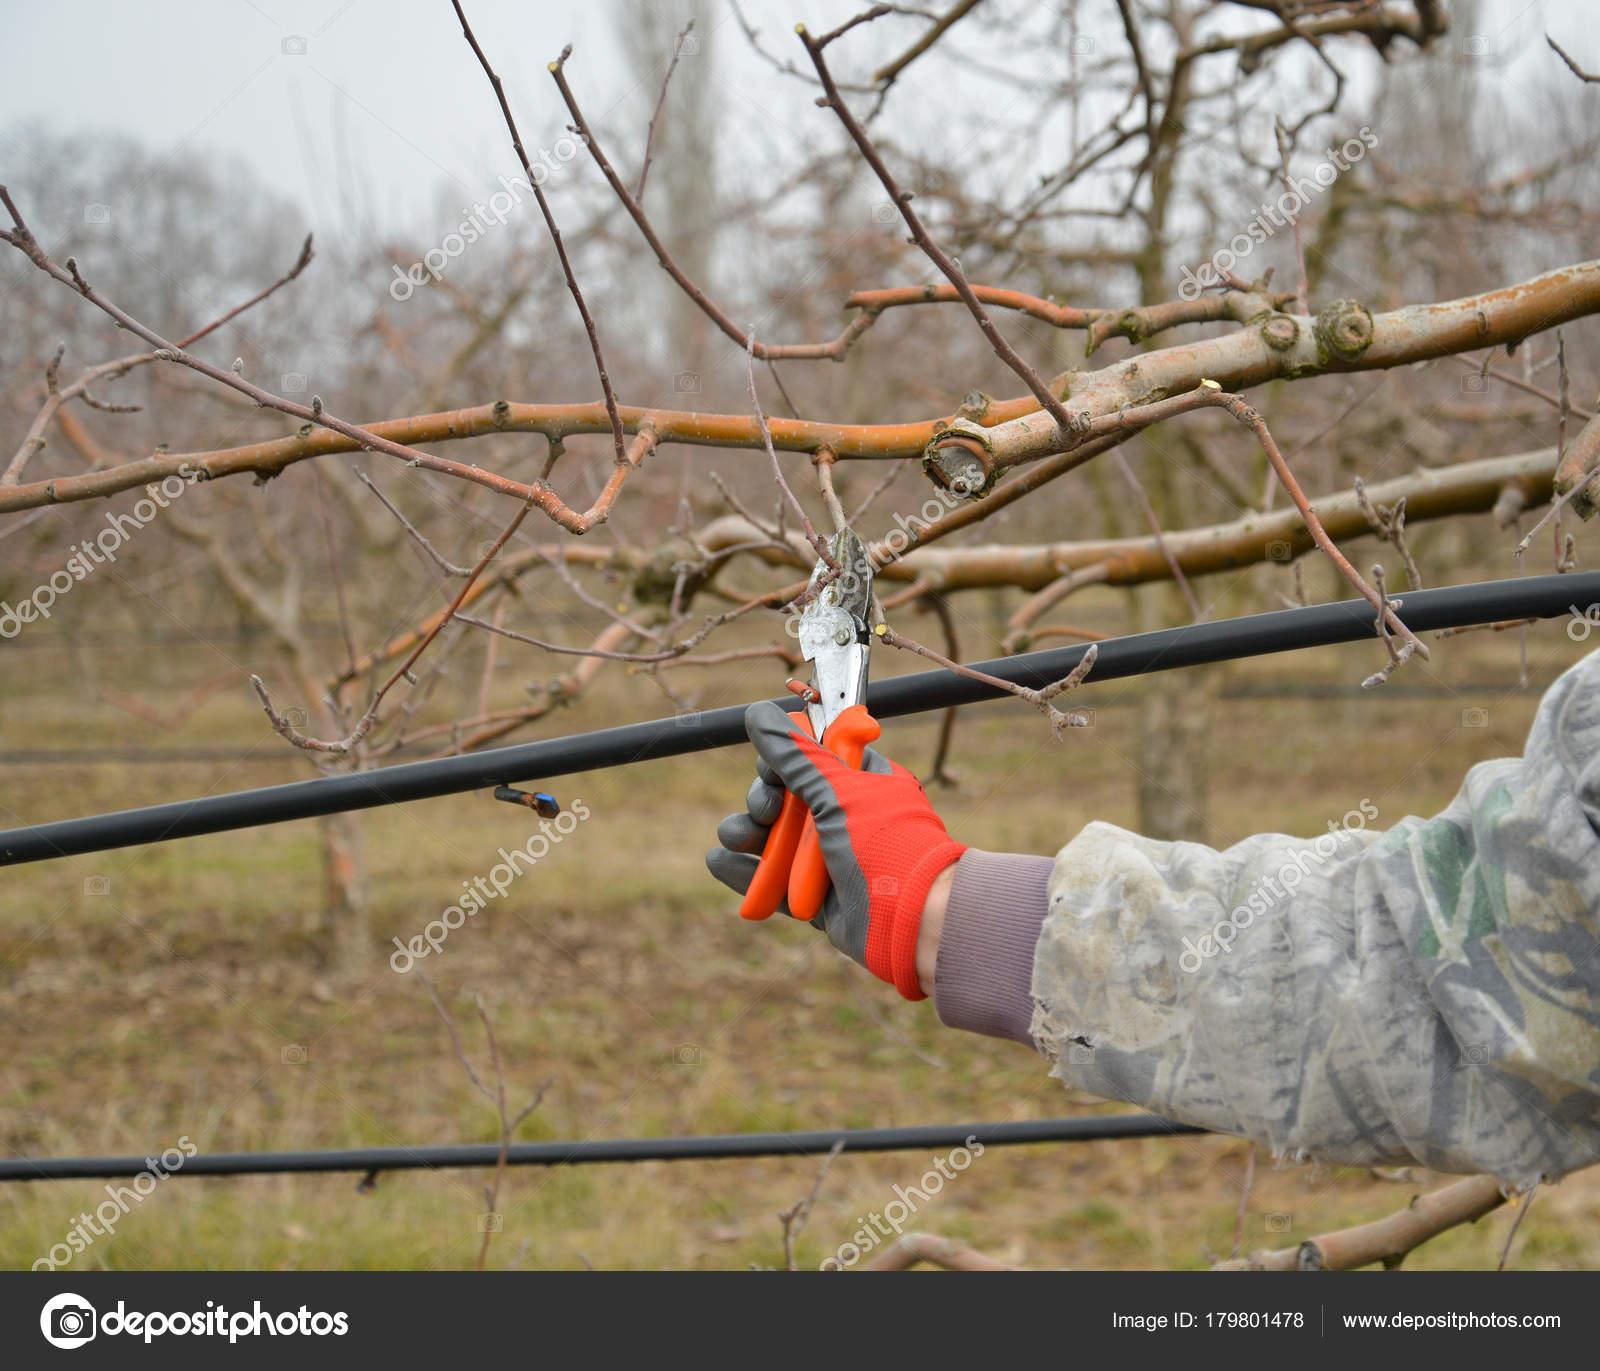 Centerpoint Archery